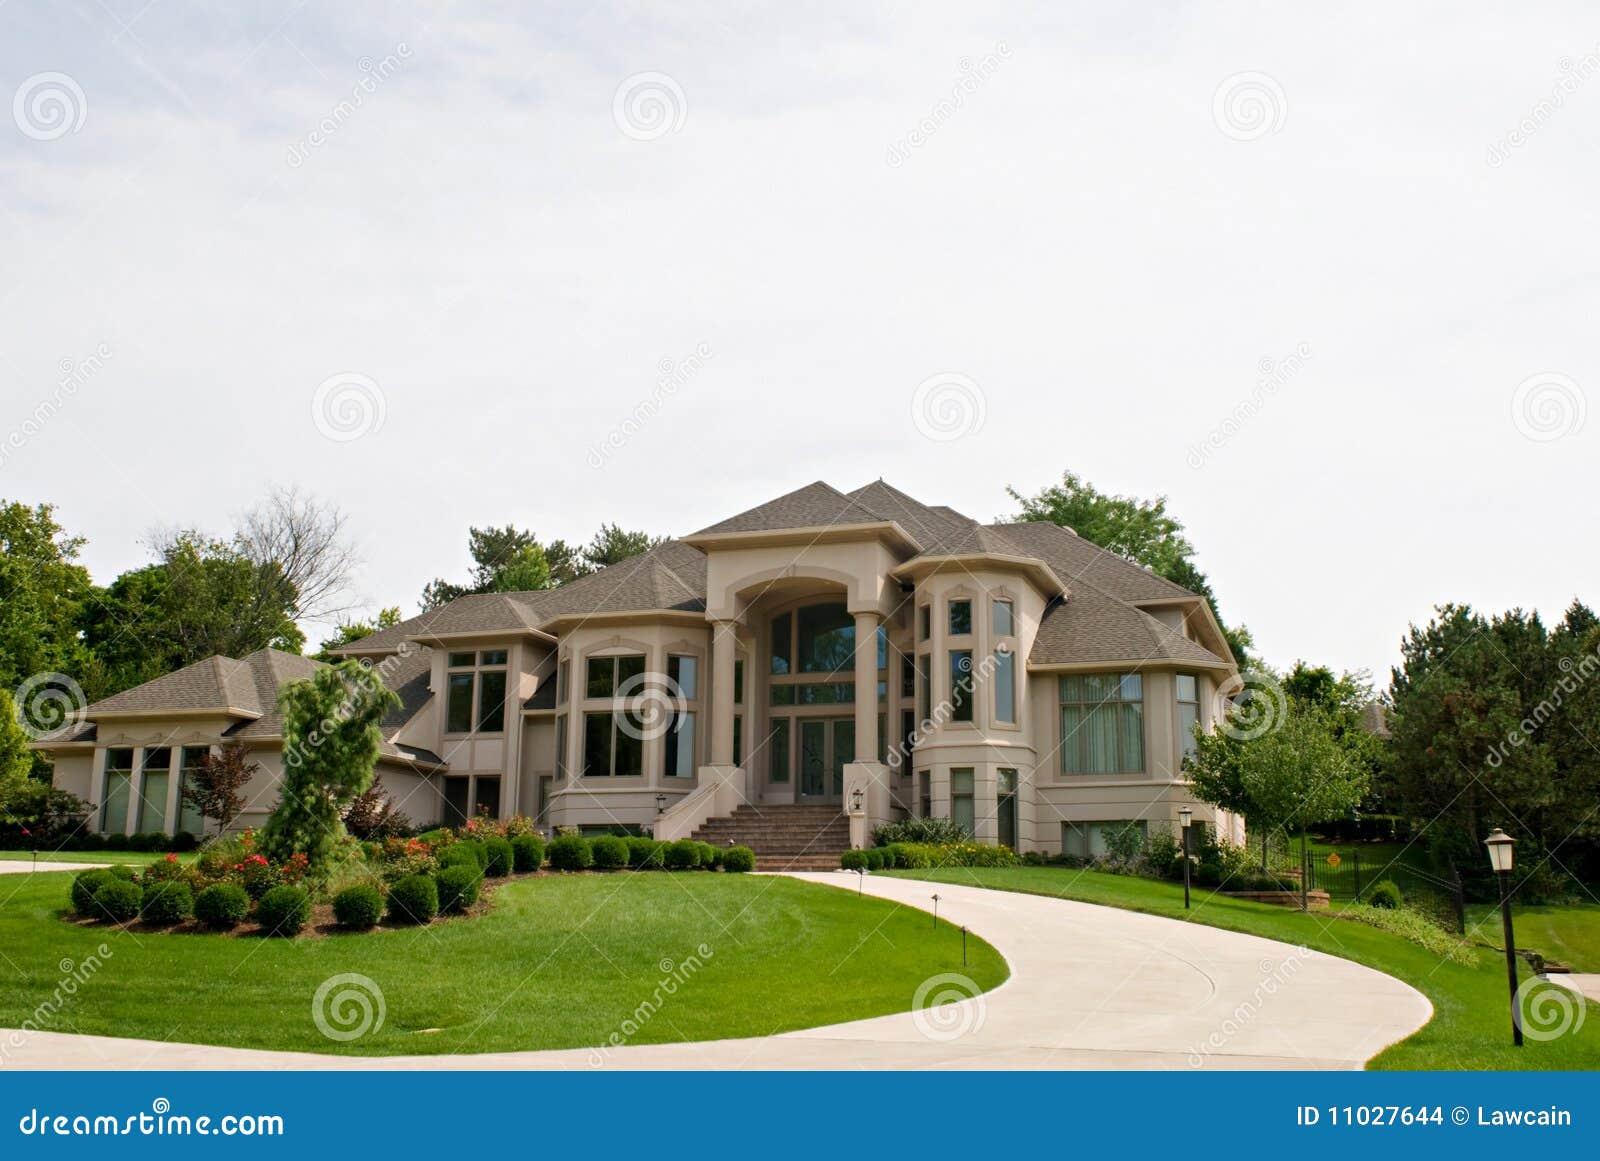 Het huis van het miljoen dollar stock foto afbeelding 11027644 - Huis van het wereldkantoor newport ...